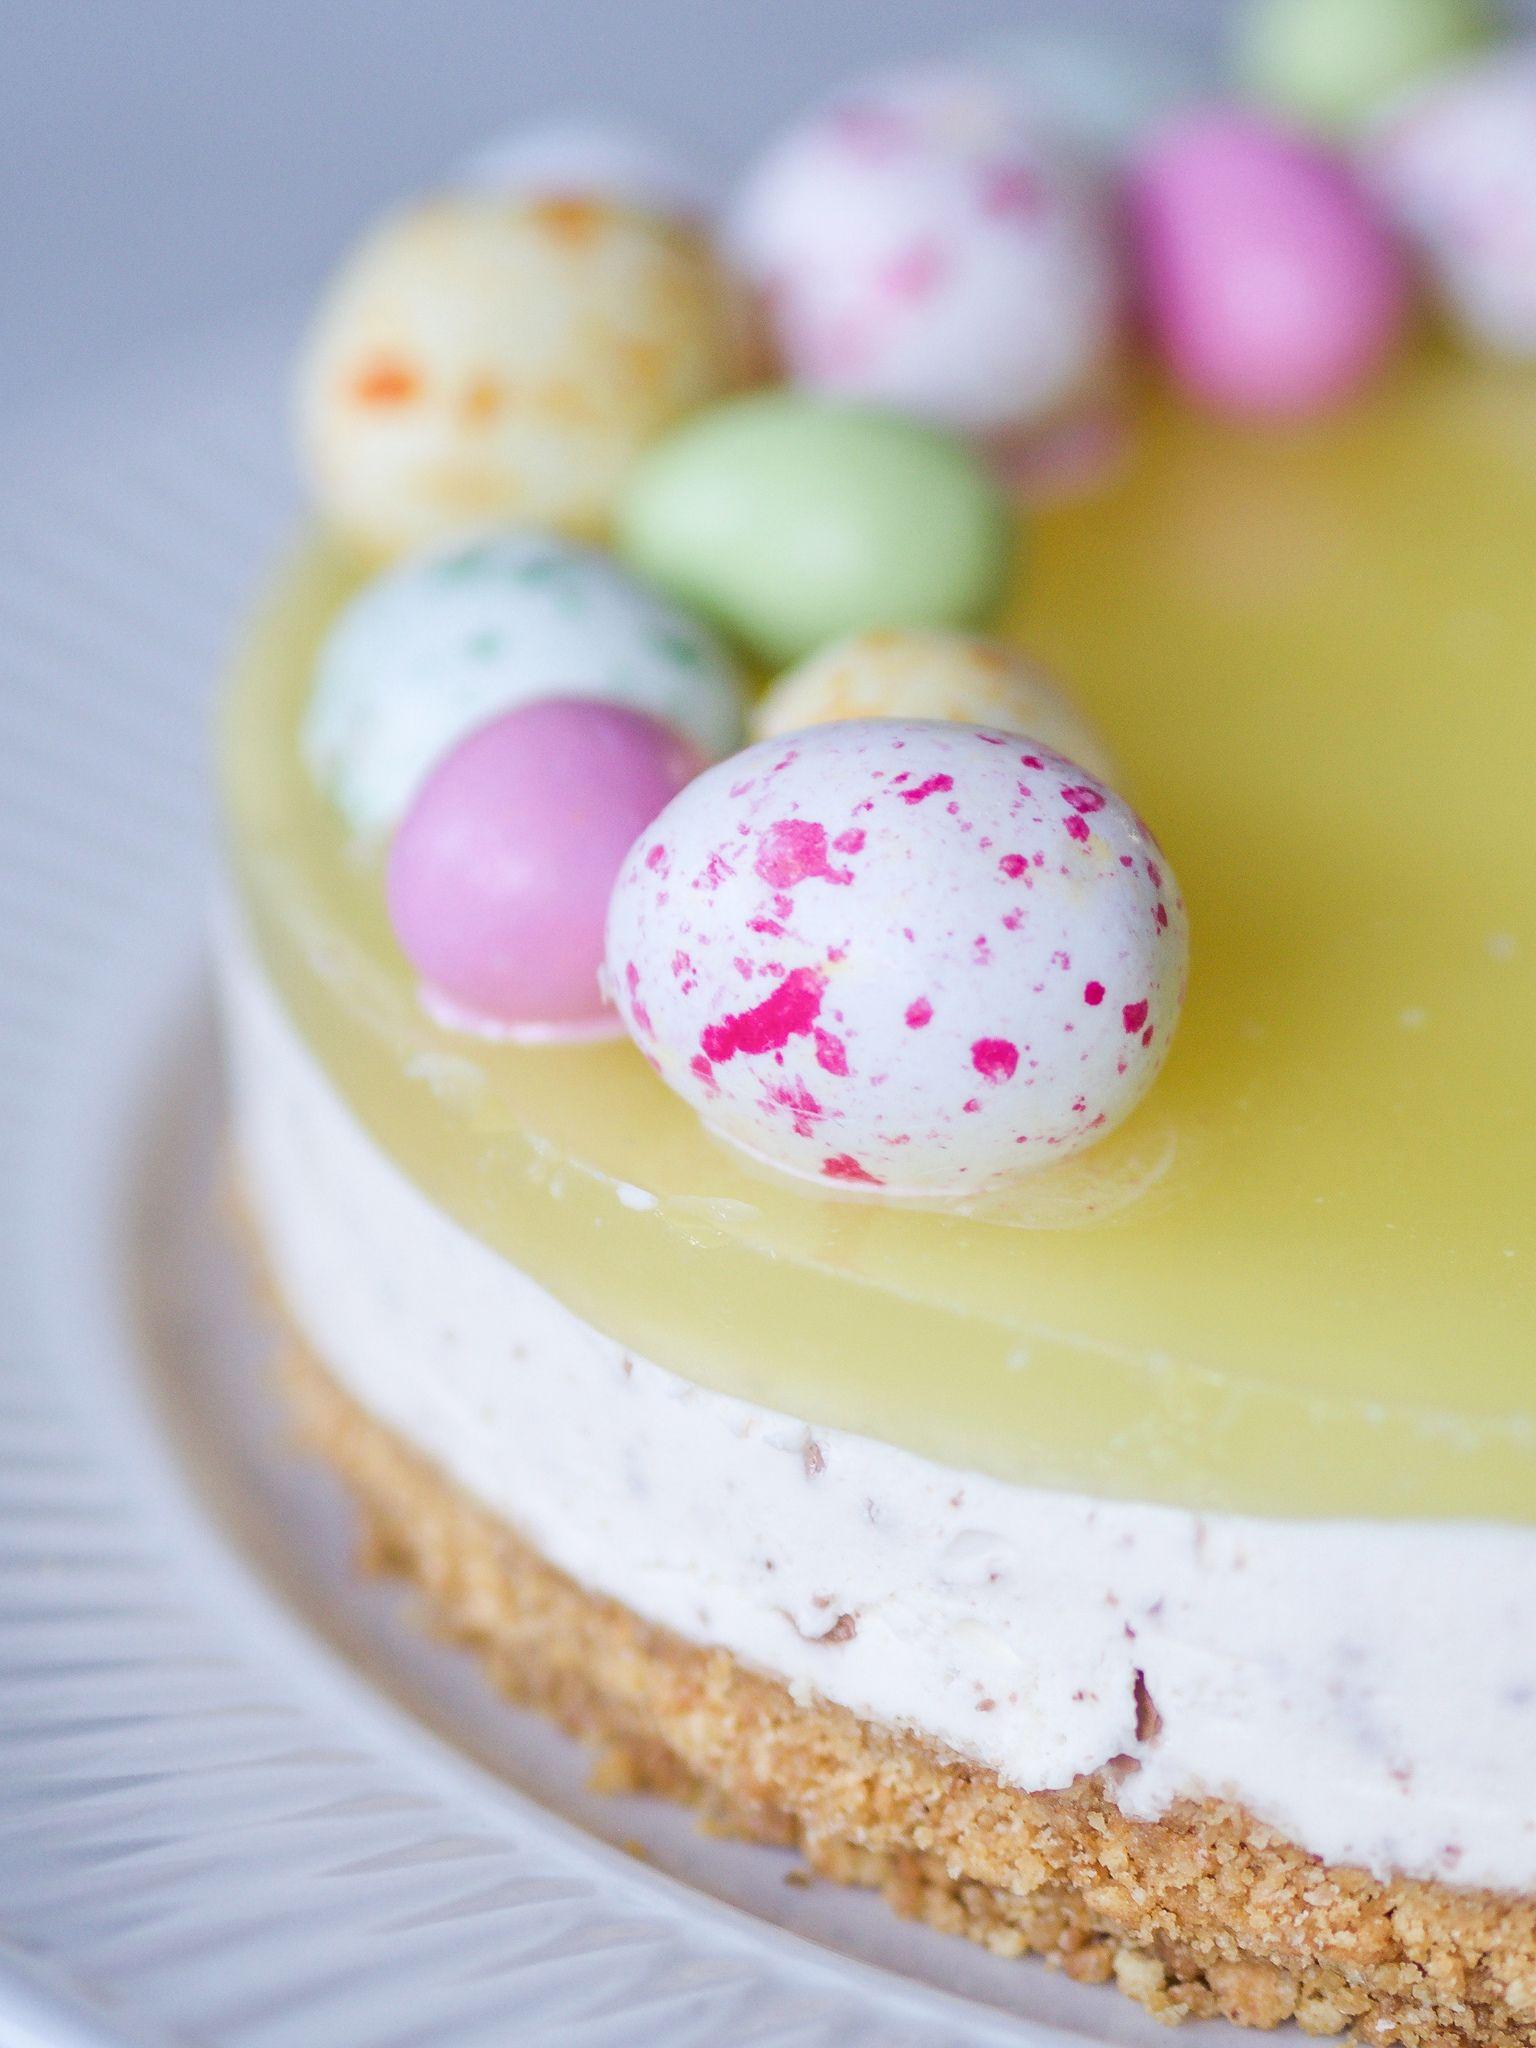 Paske Cheesecake Med Citron Christinaholmsvarer Opskrift I 2020 Paskekage Cheesecake Opskrifter Dessert